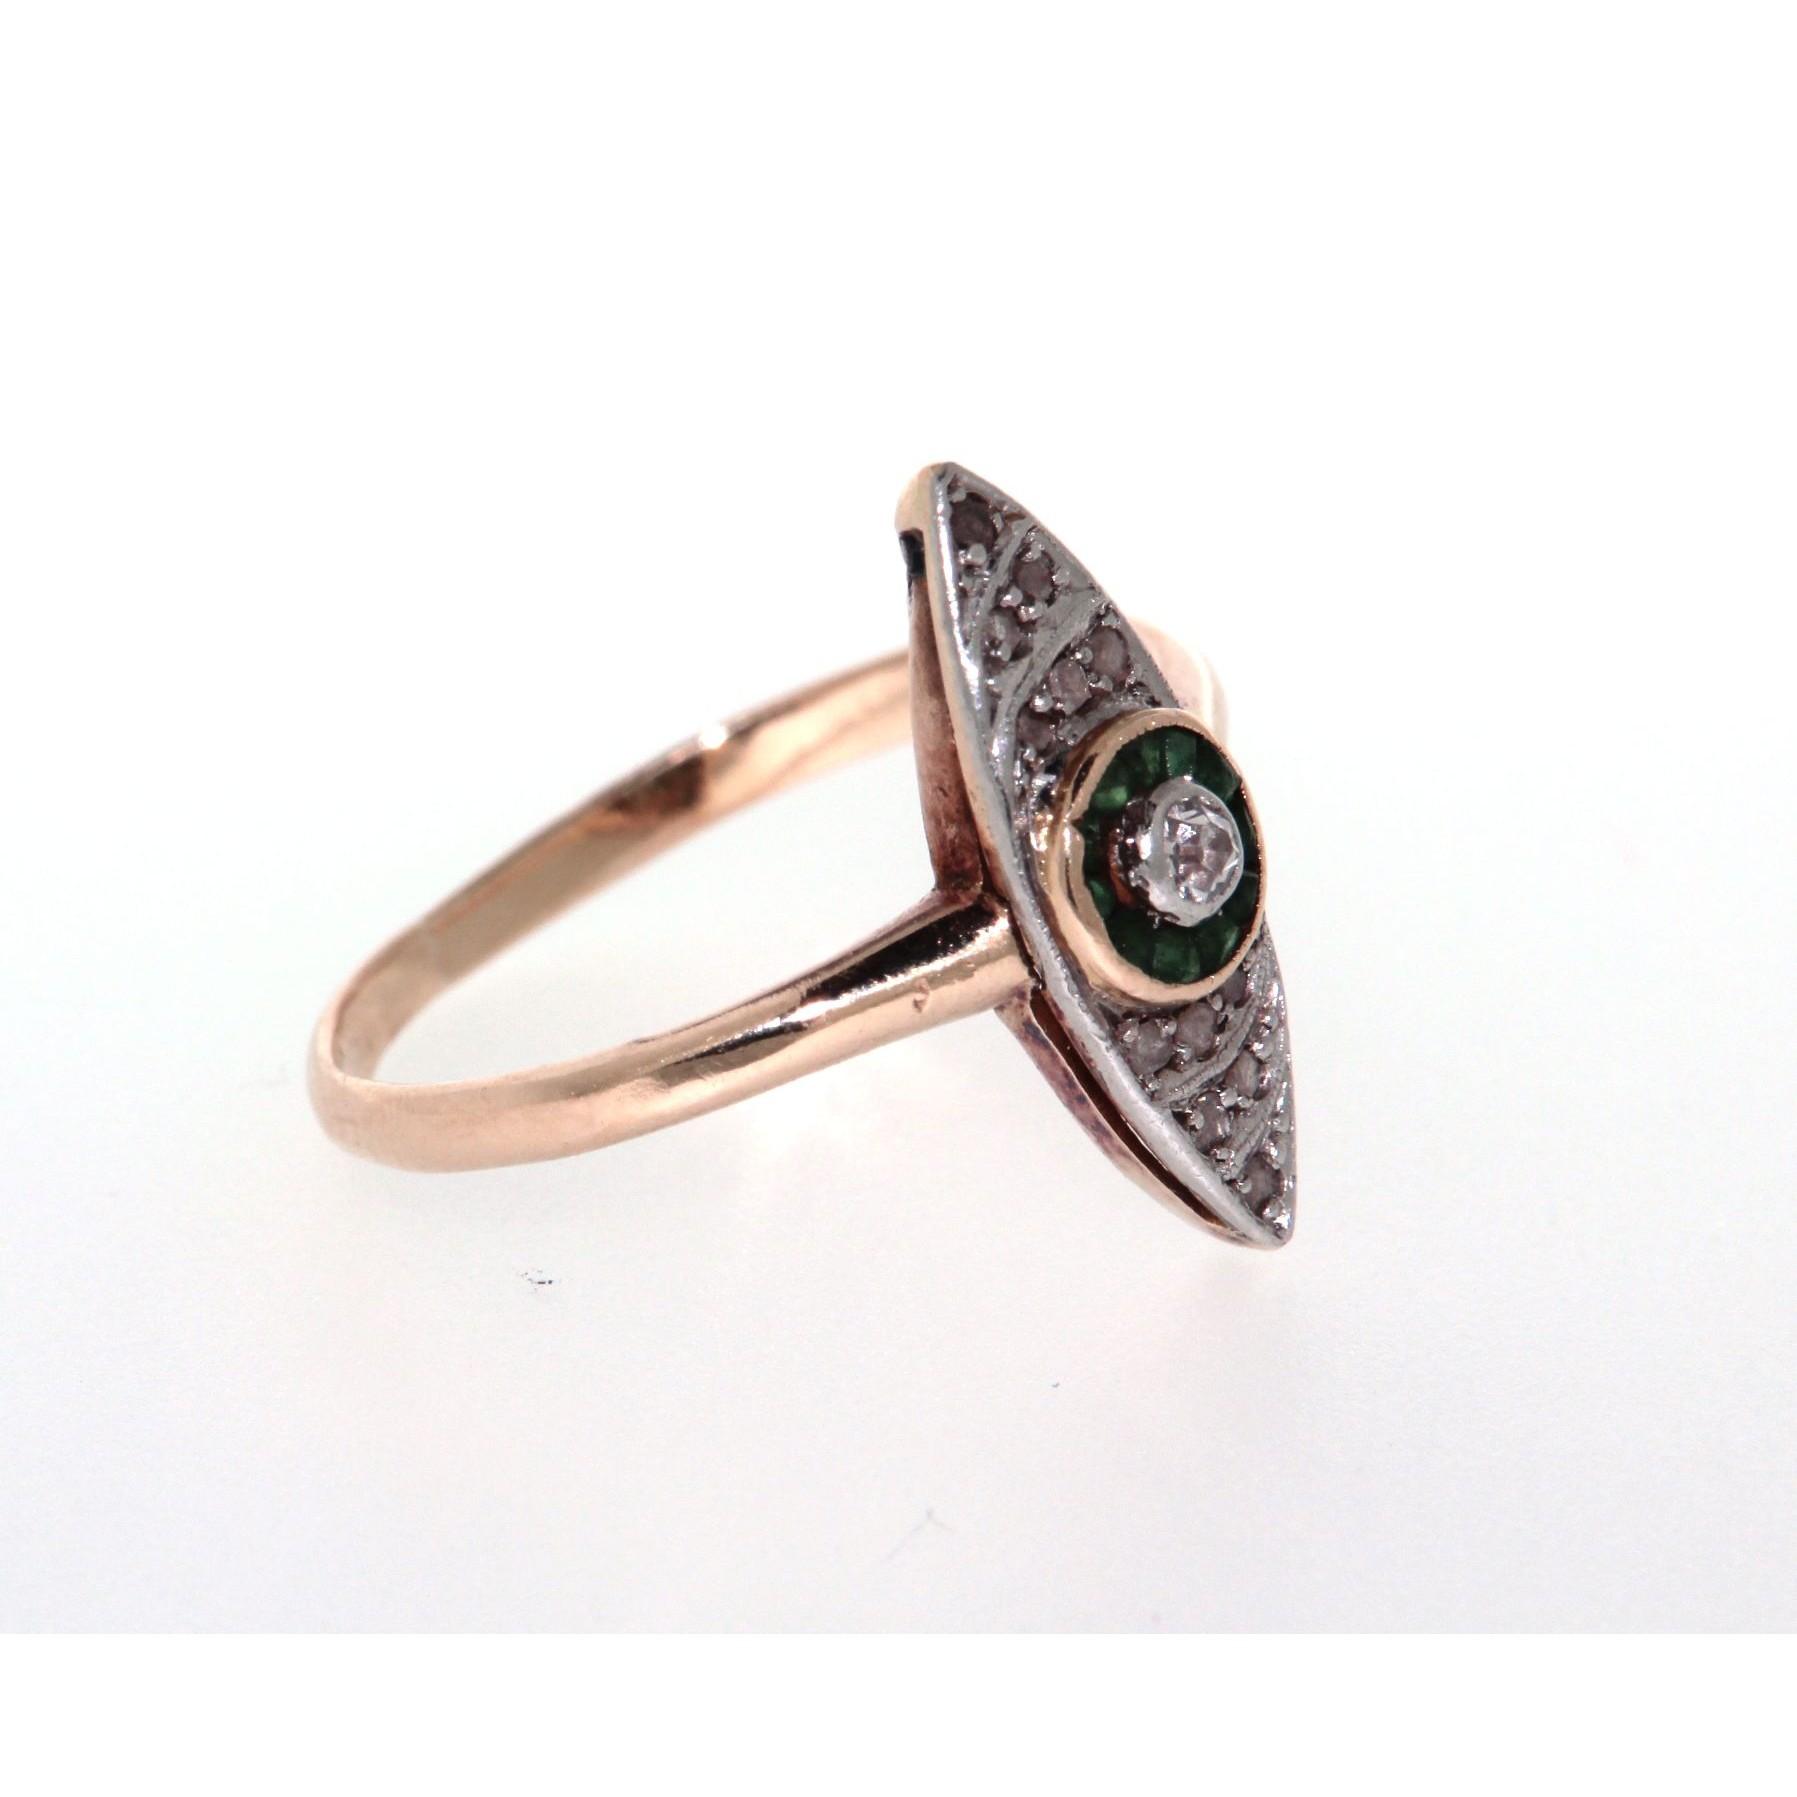 Diamanti E LosangaCon OroStile Anello Smeraldi In 6ygYb7f